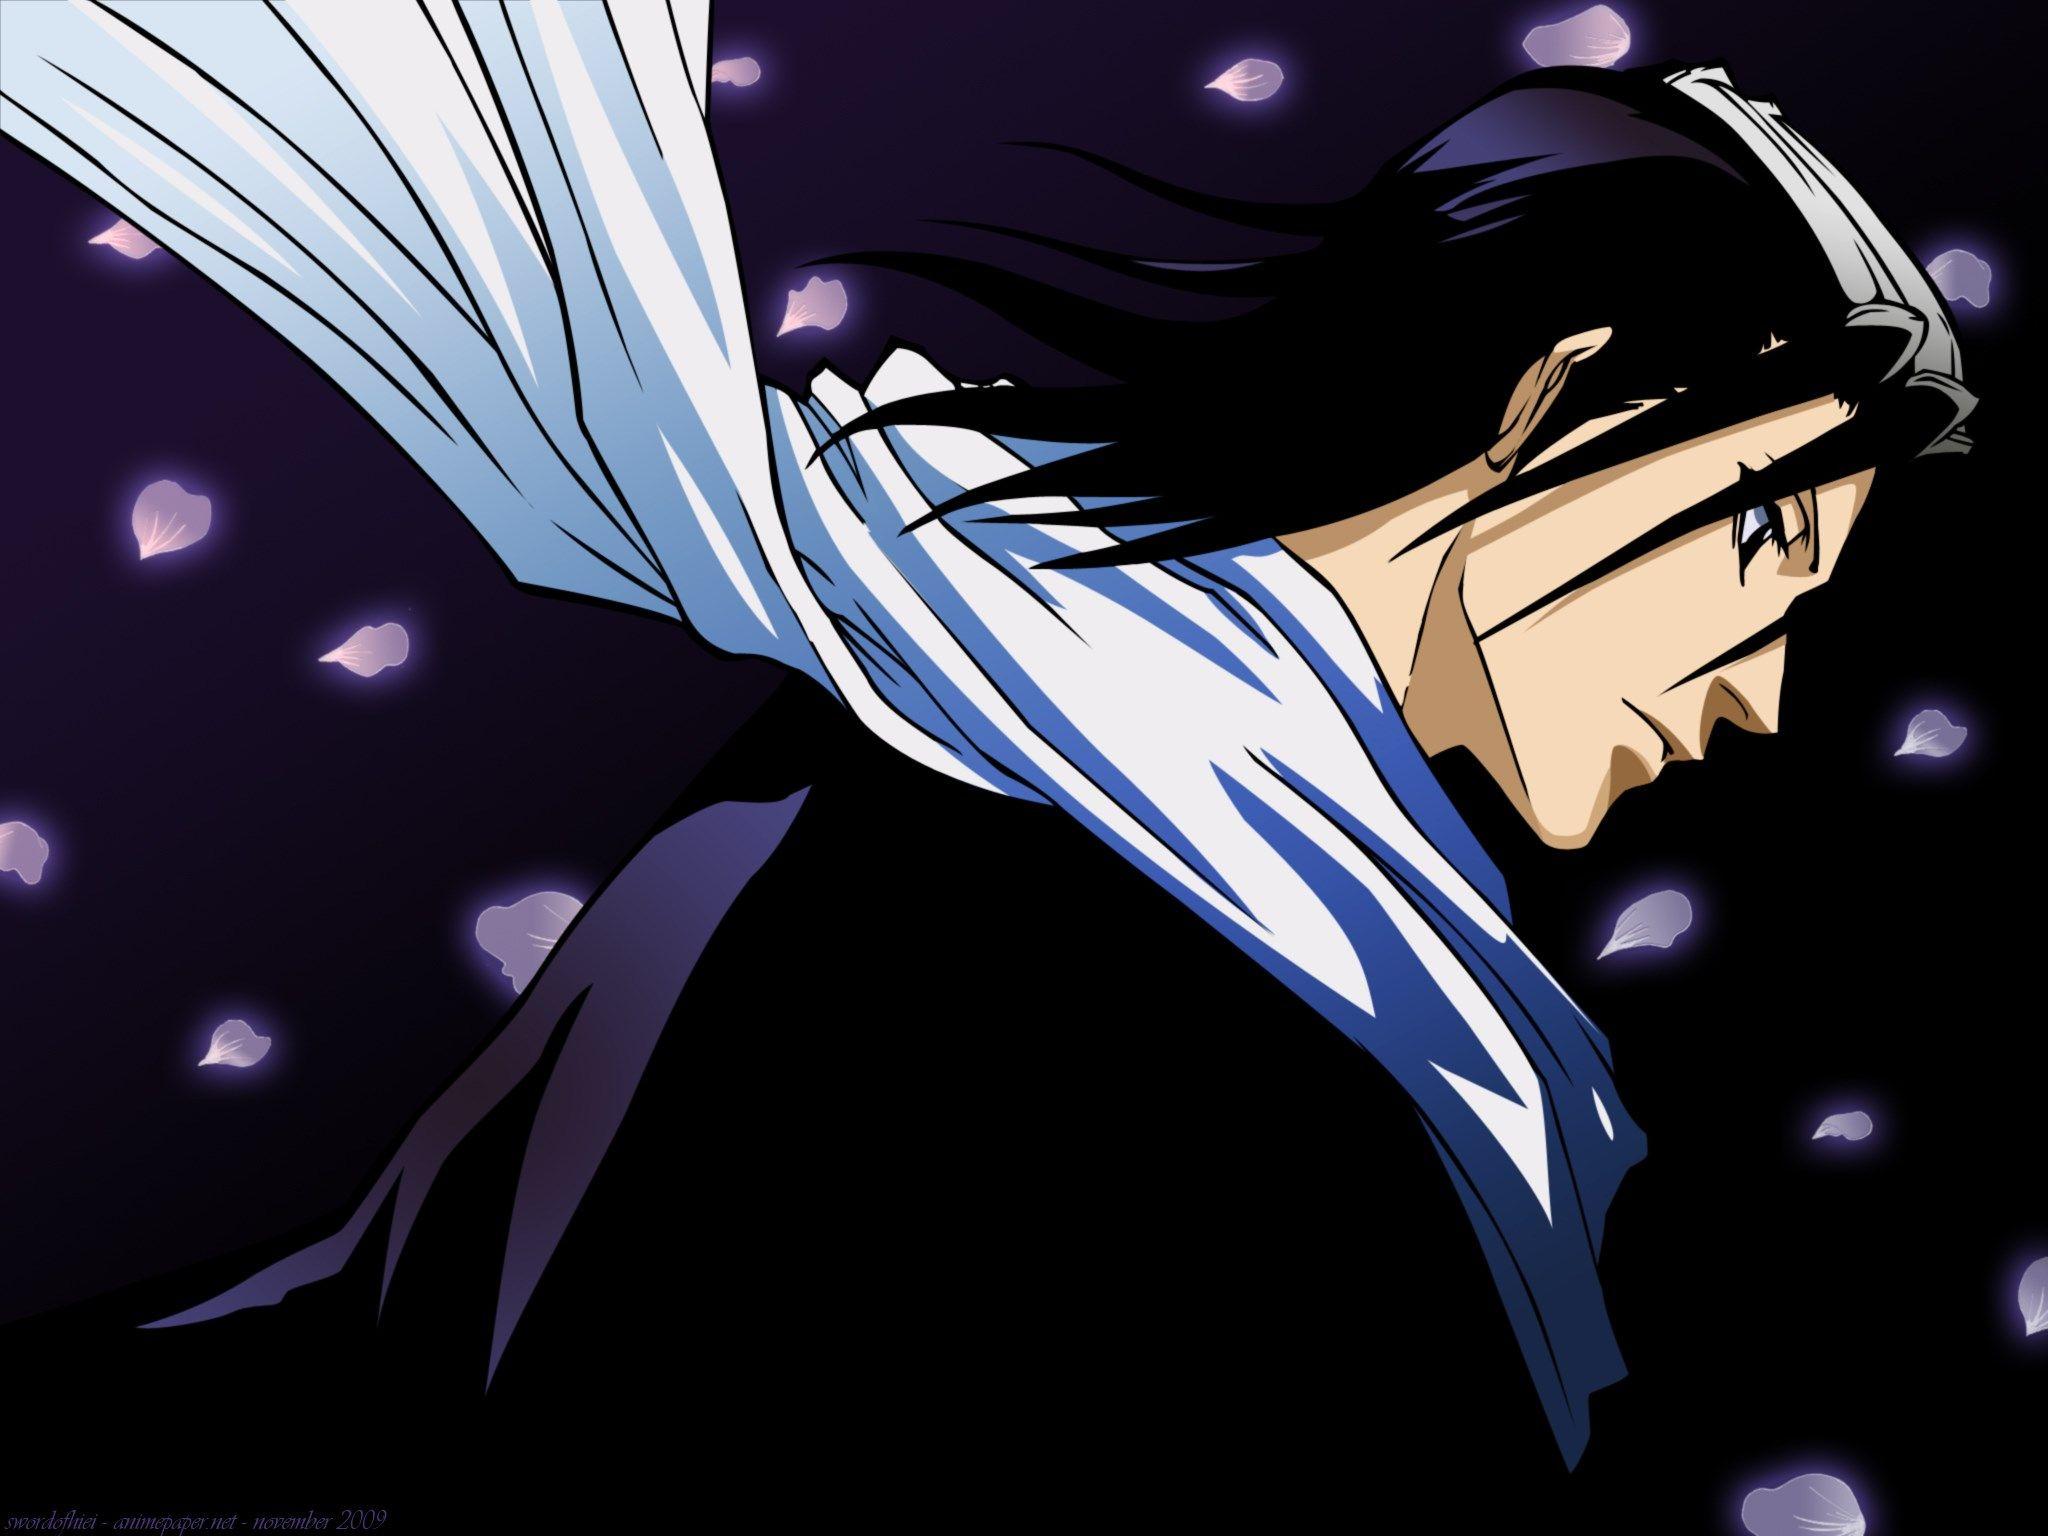 bleach Full HD Background Bleach, Bleach anime, Hd